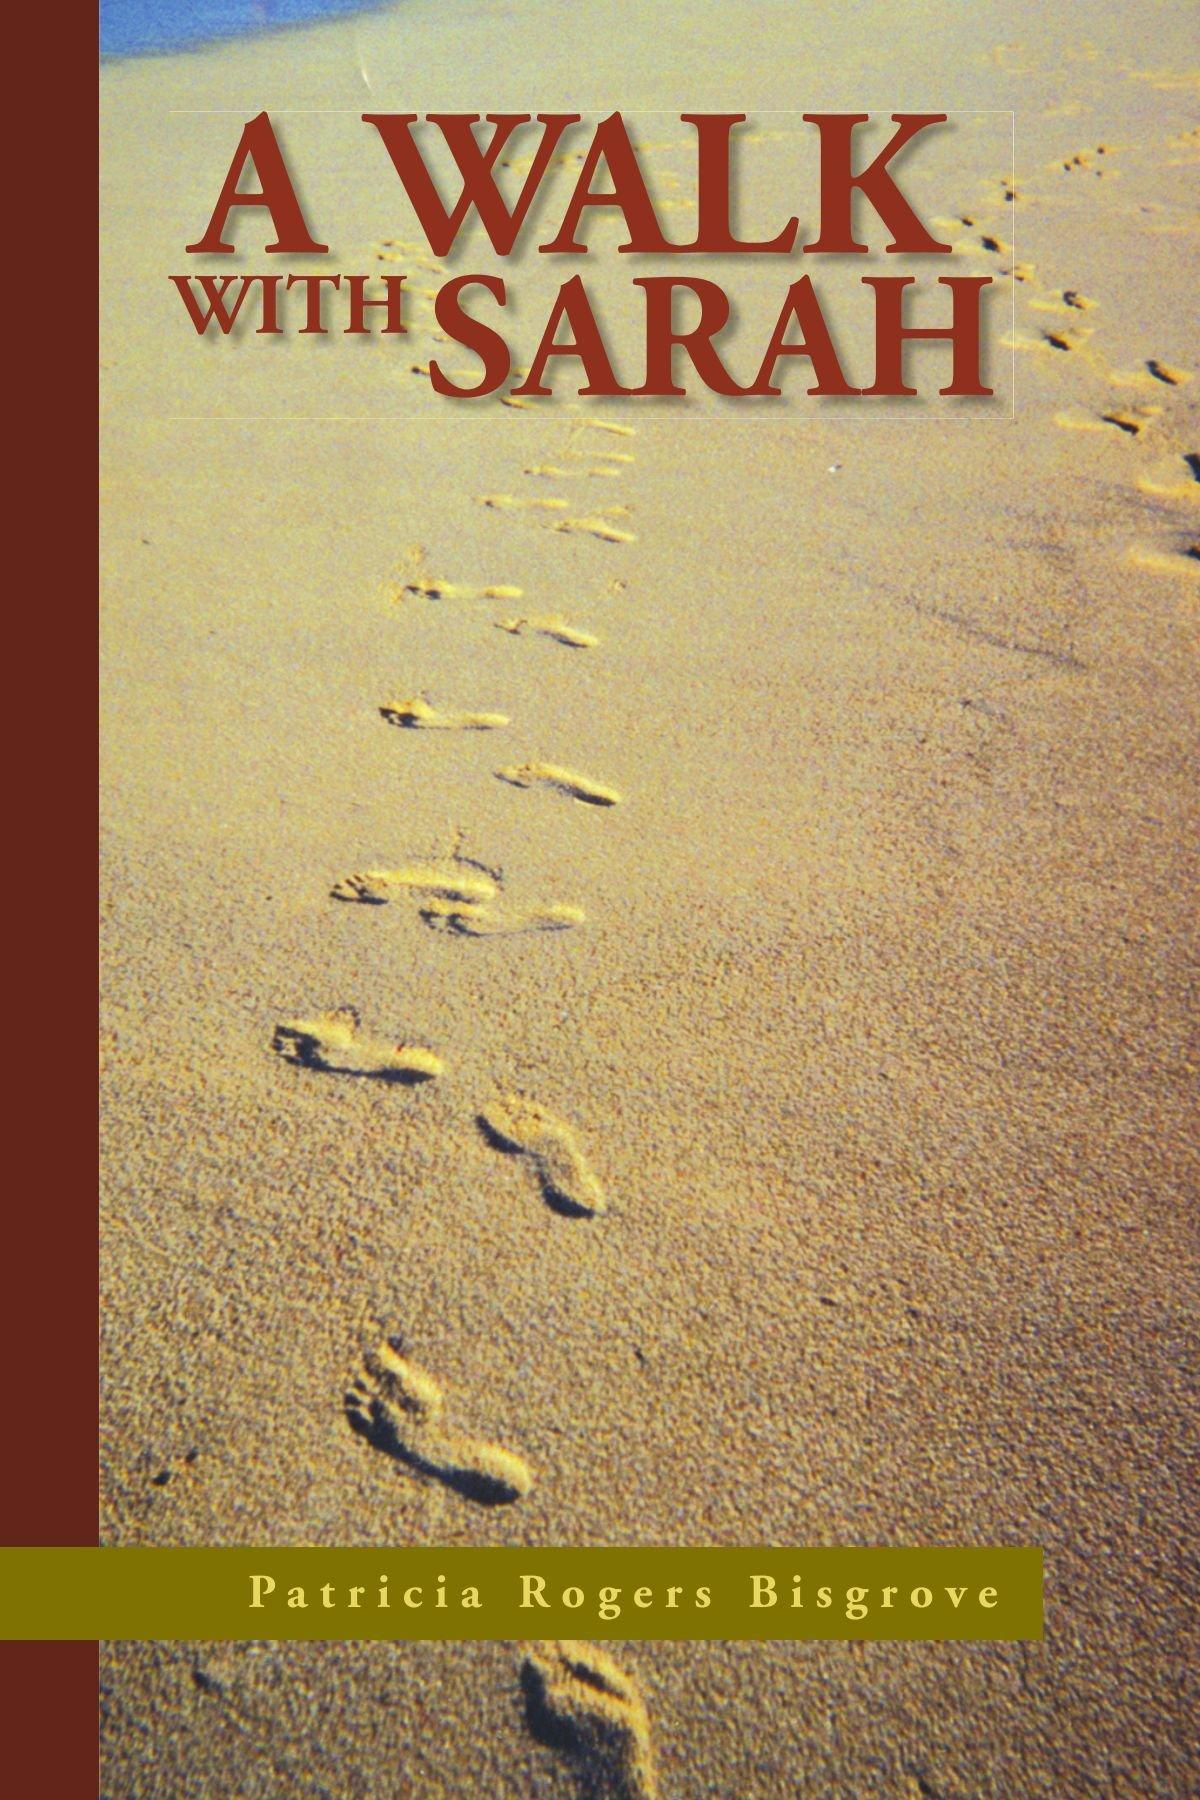 A Walk with Sarah